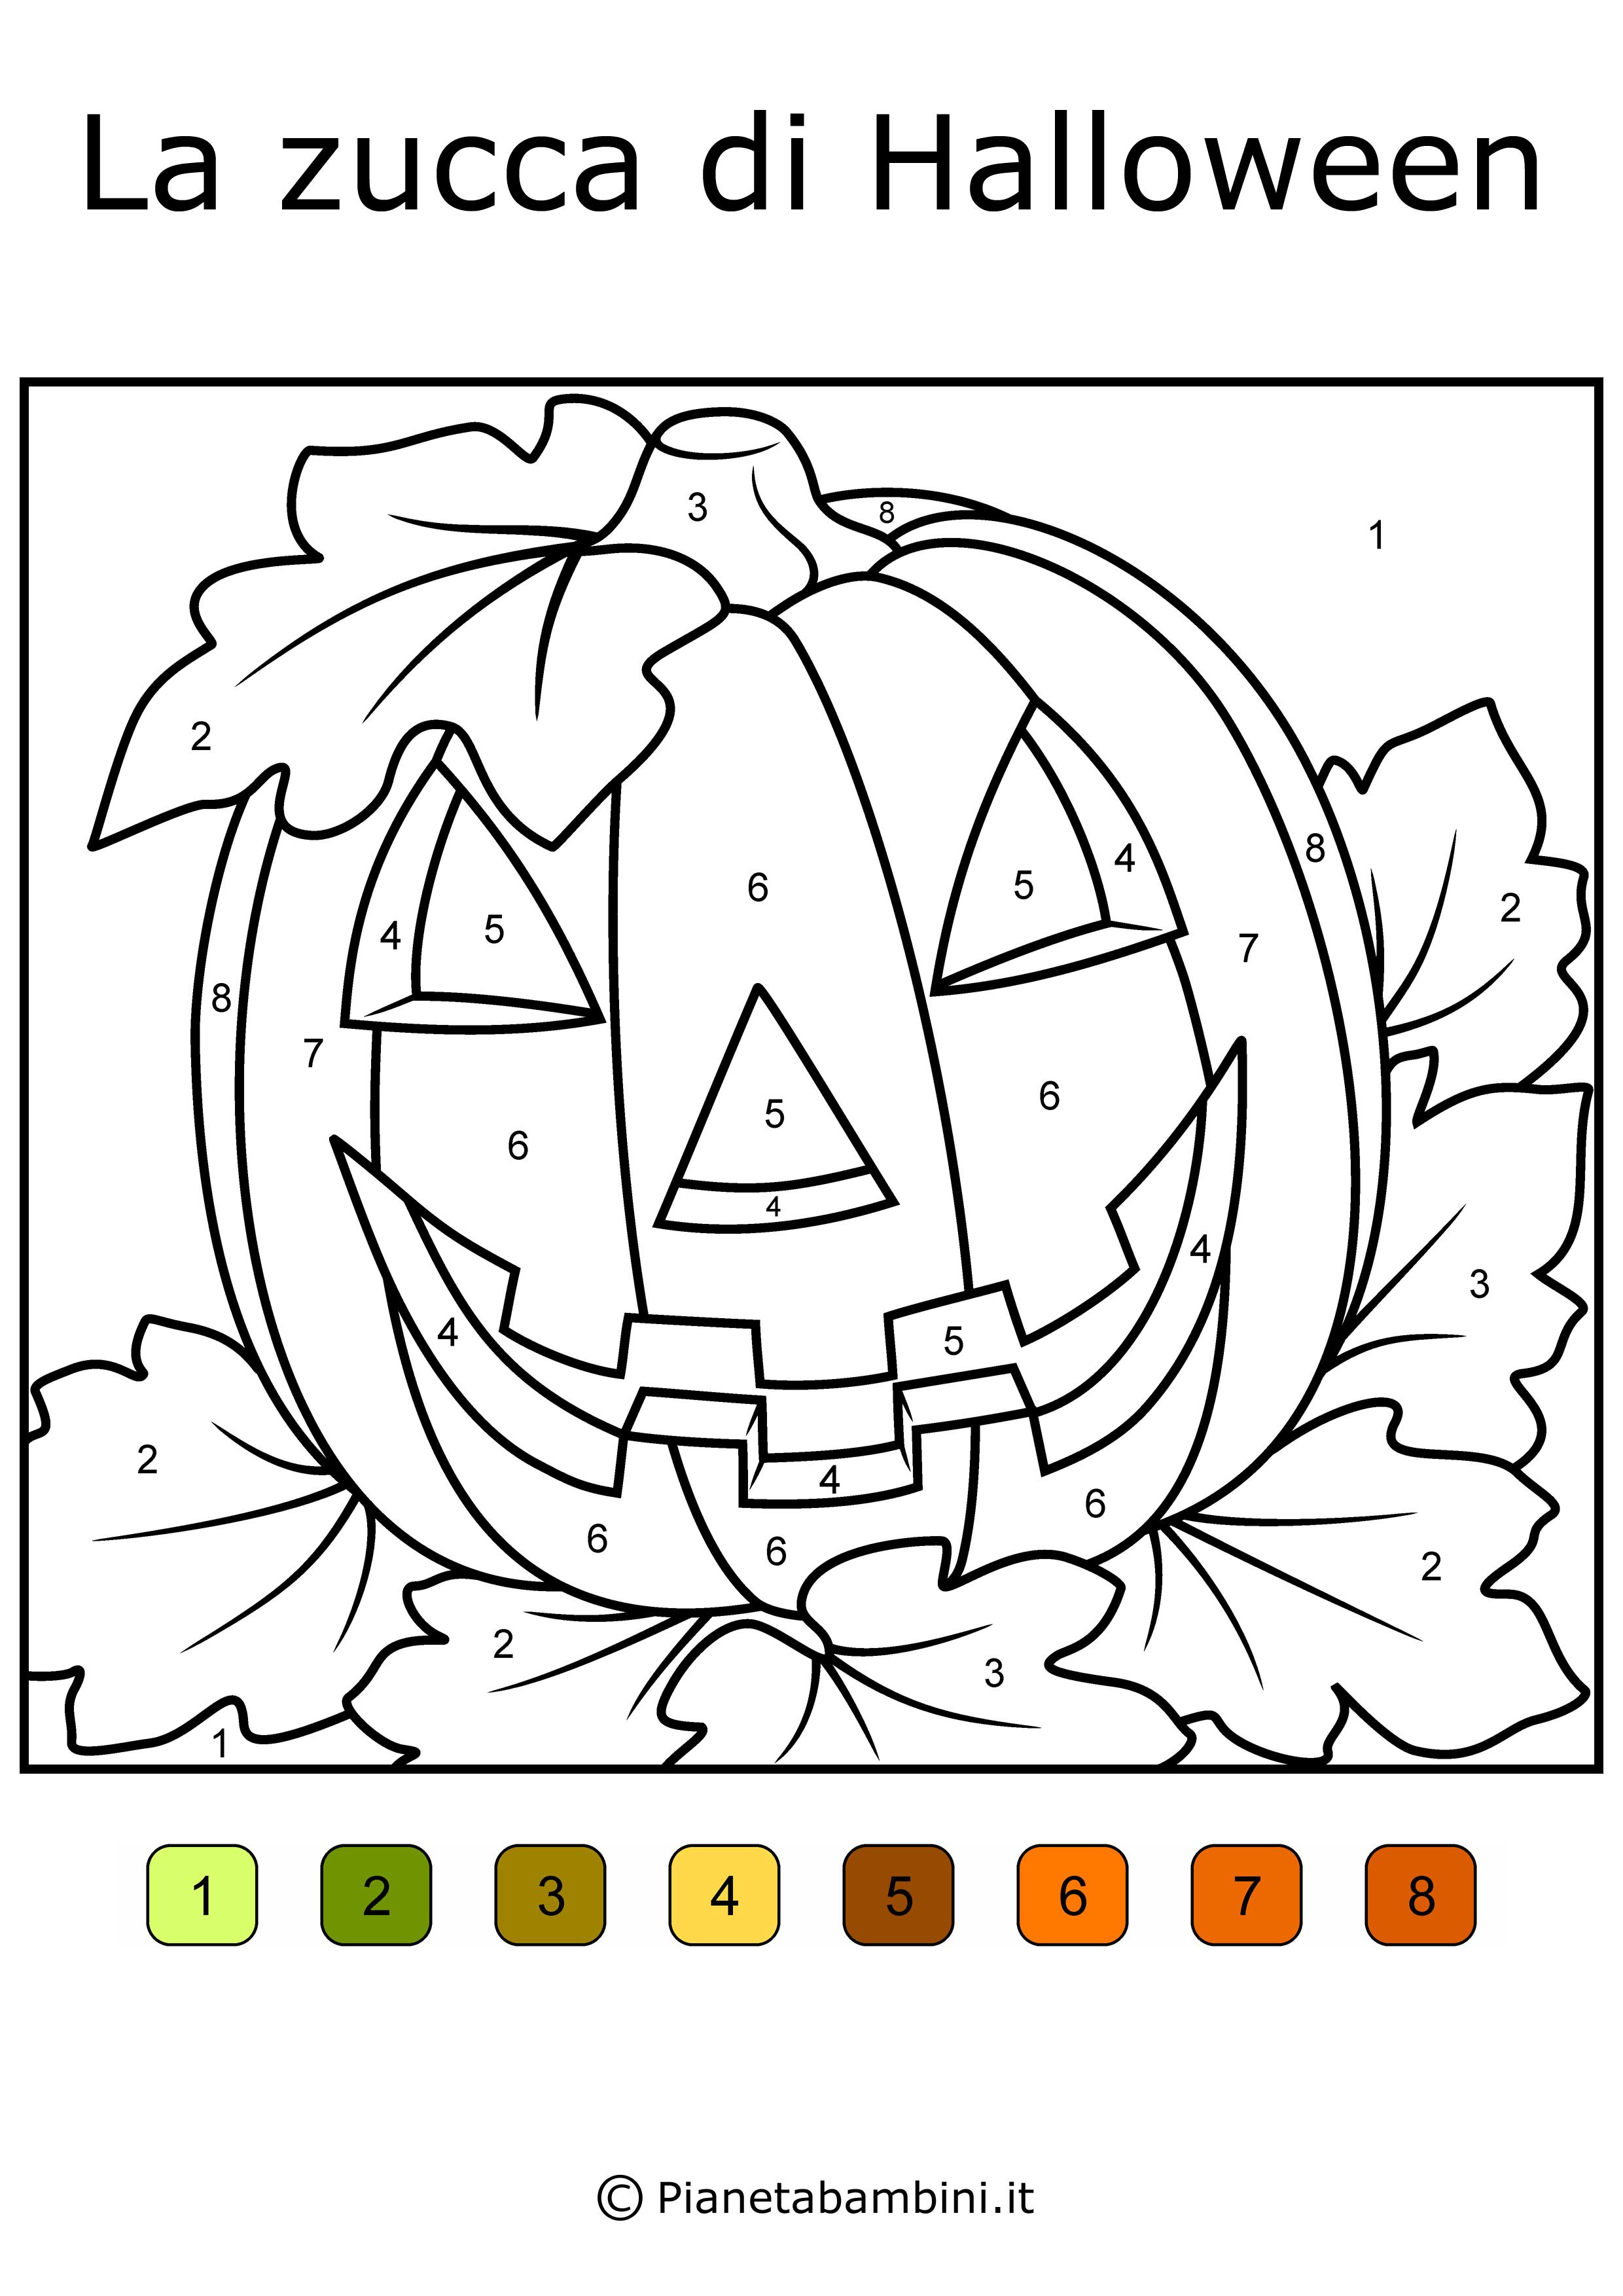 Giochi Di Halloween Da Colorare.Conta E Colora 48 Disegni Da Colorare In Base Ai Numeri Disegni Da Colorare Disegni Giochi Di Halloween